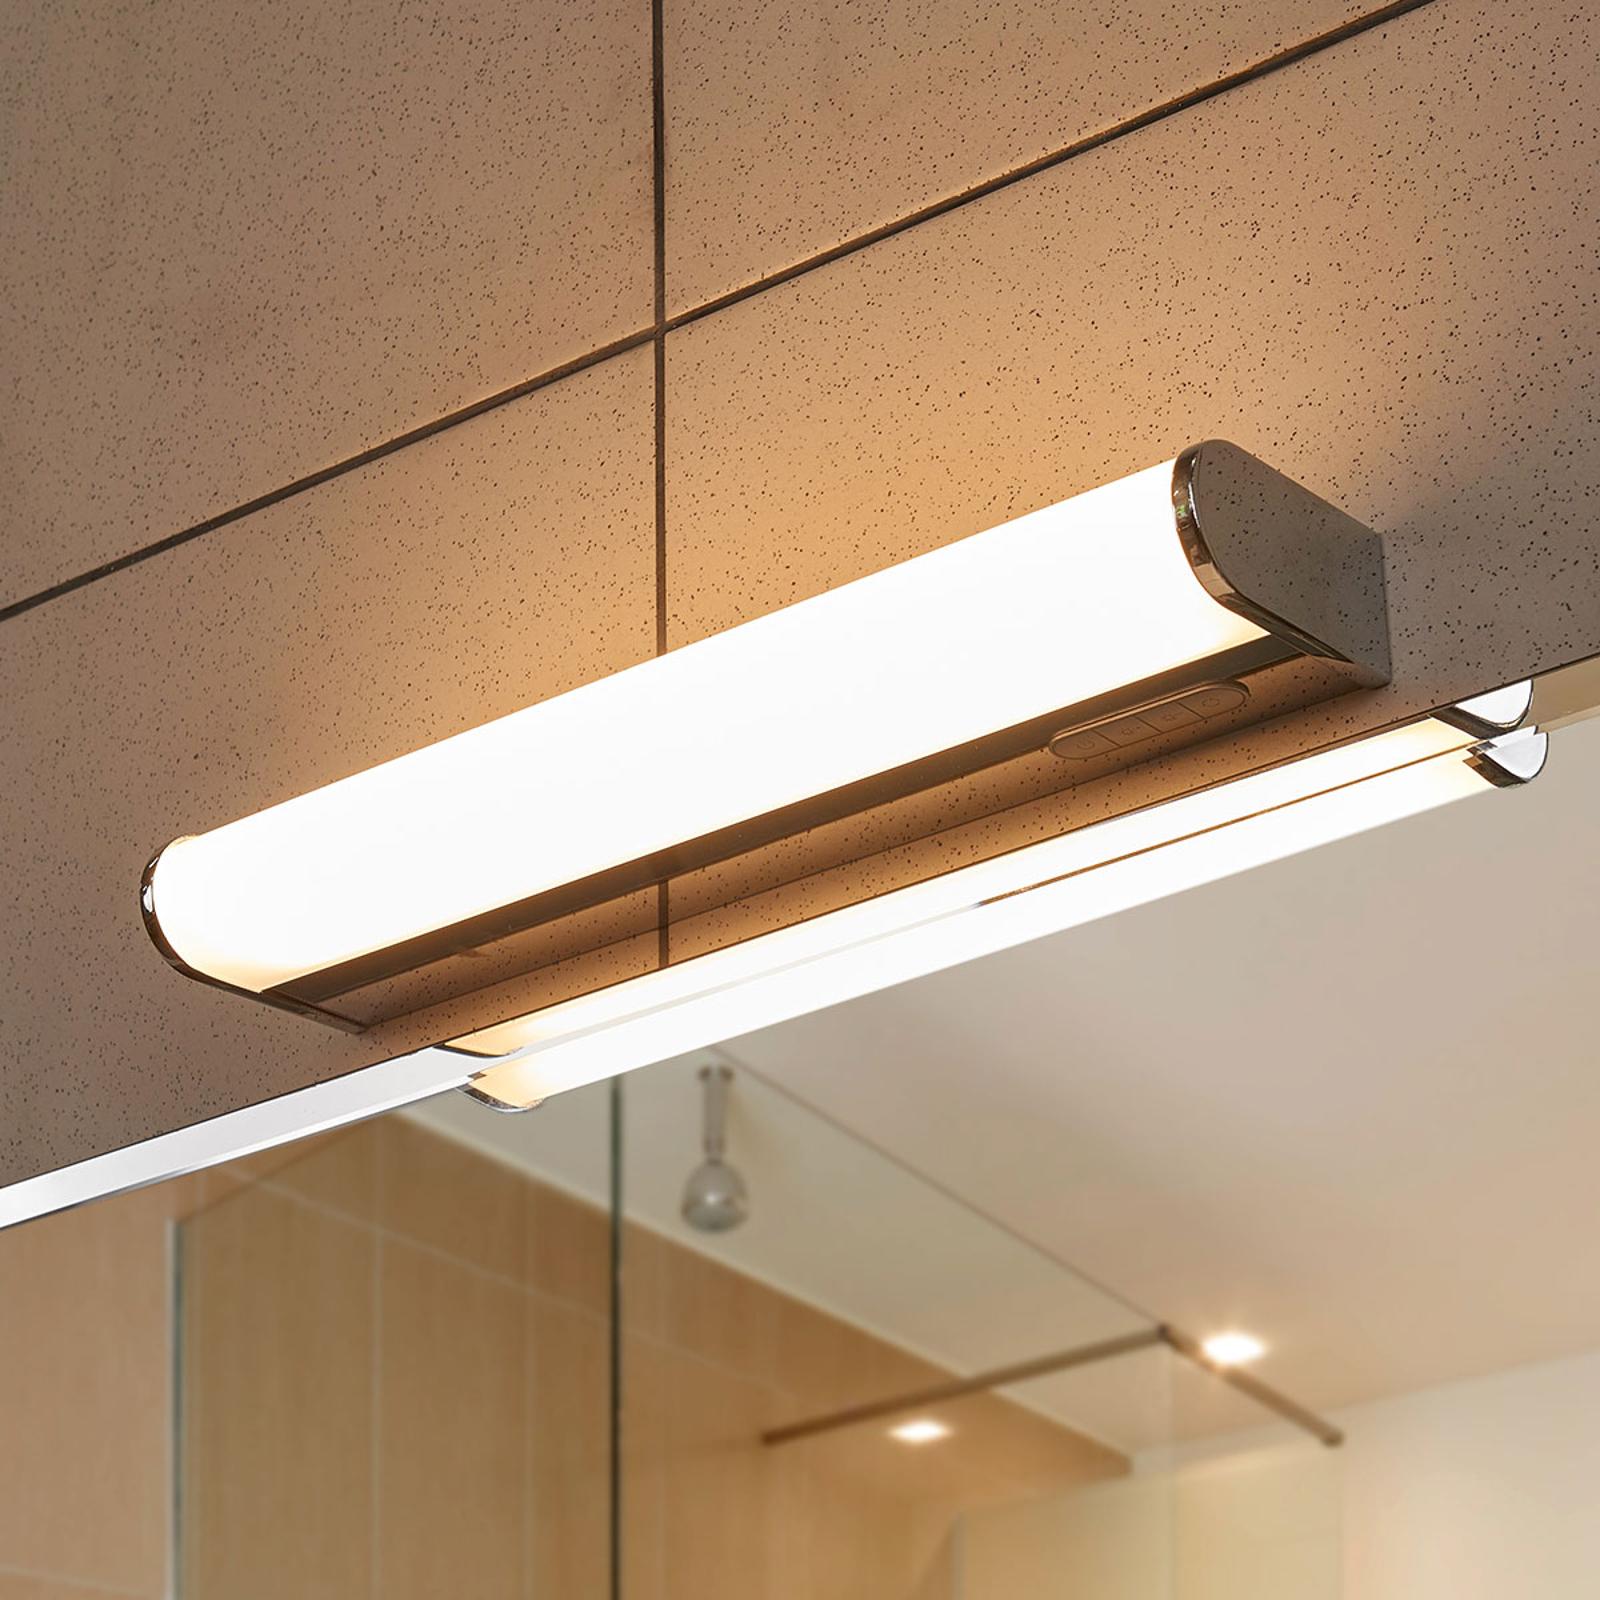 LED koupelnové světlo nástěnné Jesko, 33 cm